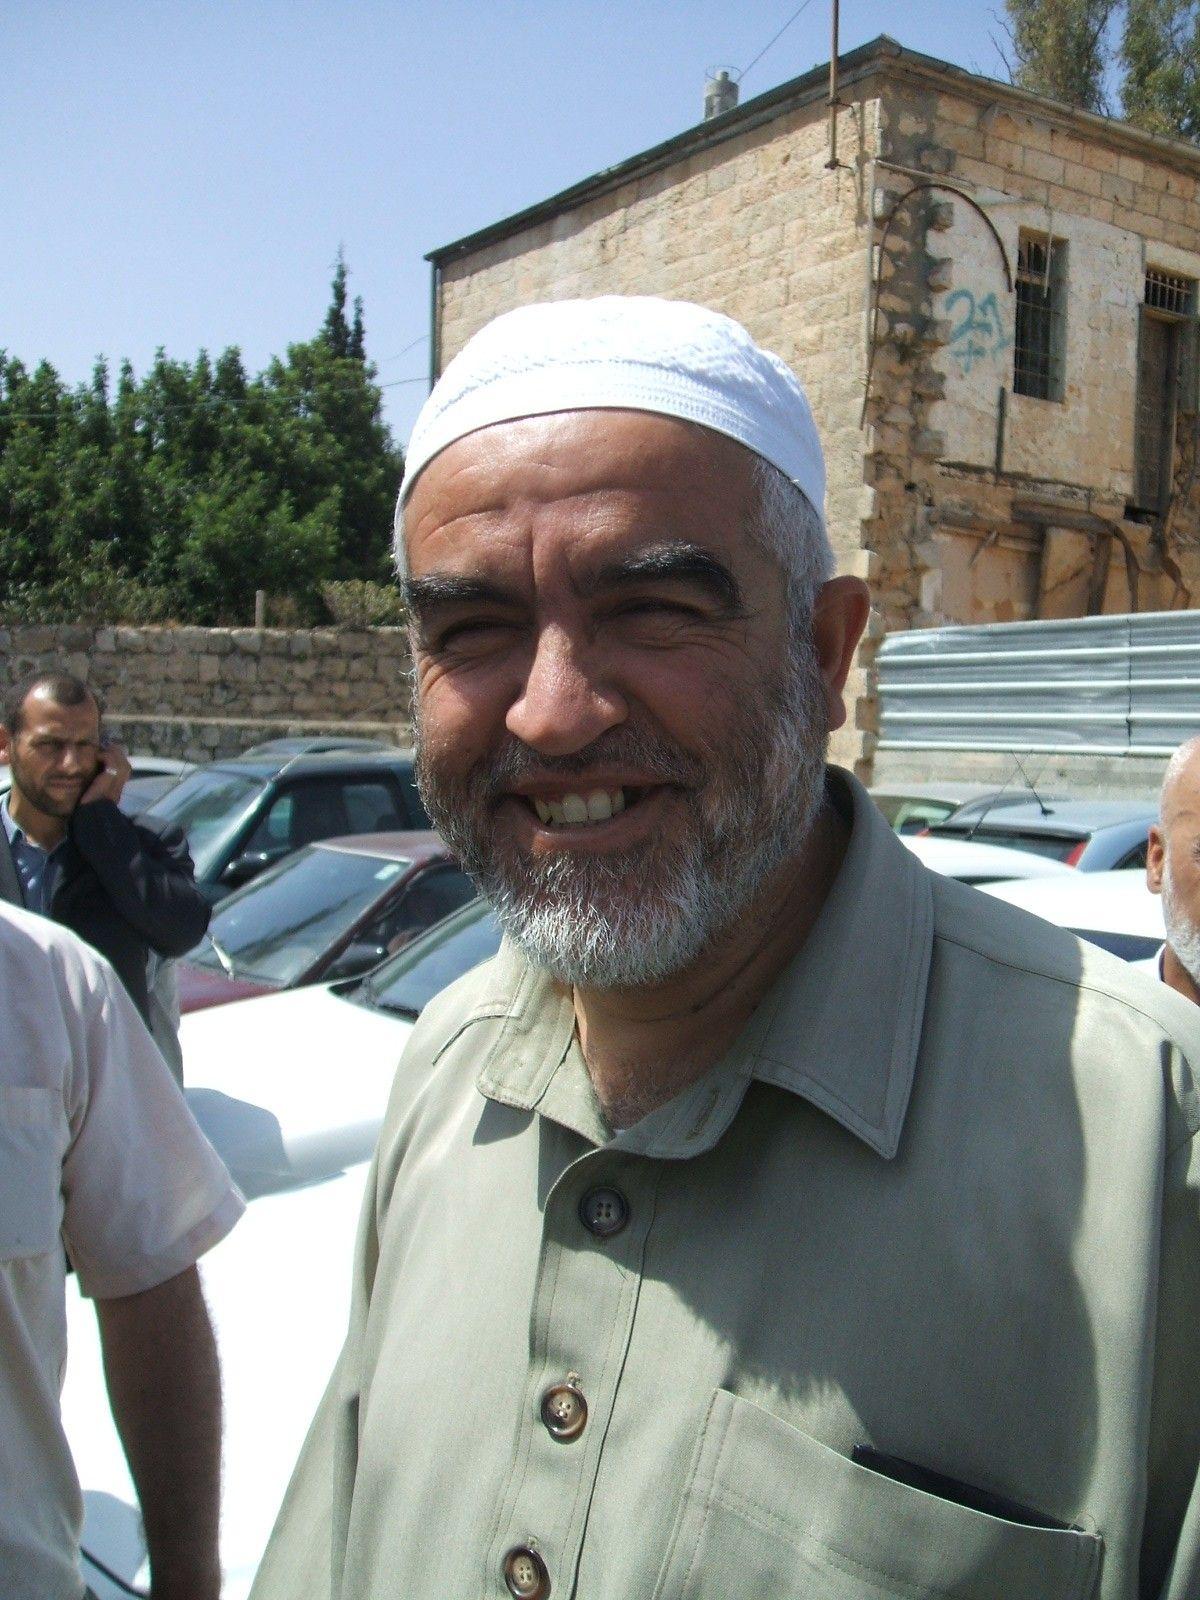 Raed Salah Abu Shakra